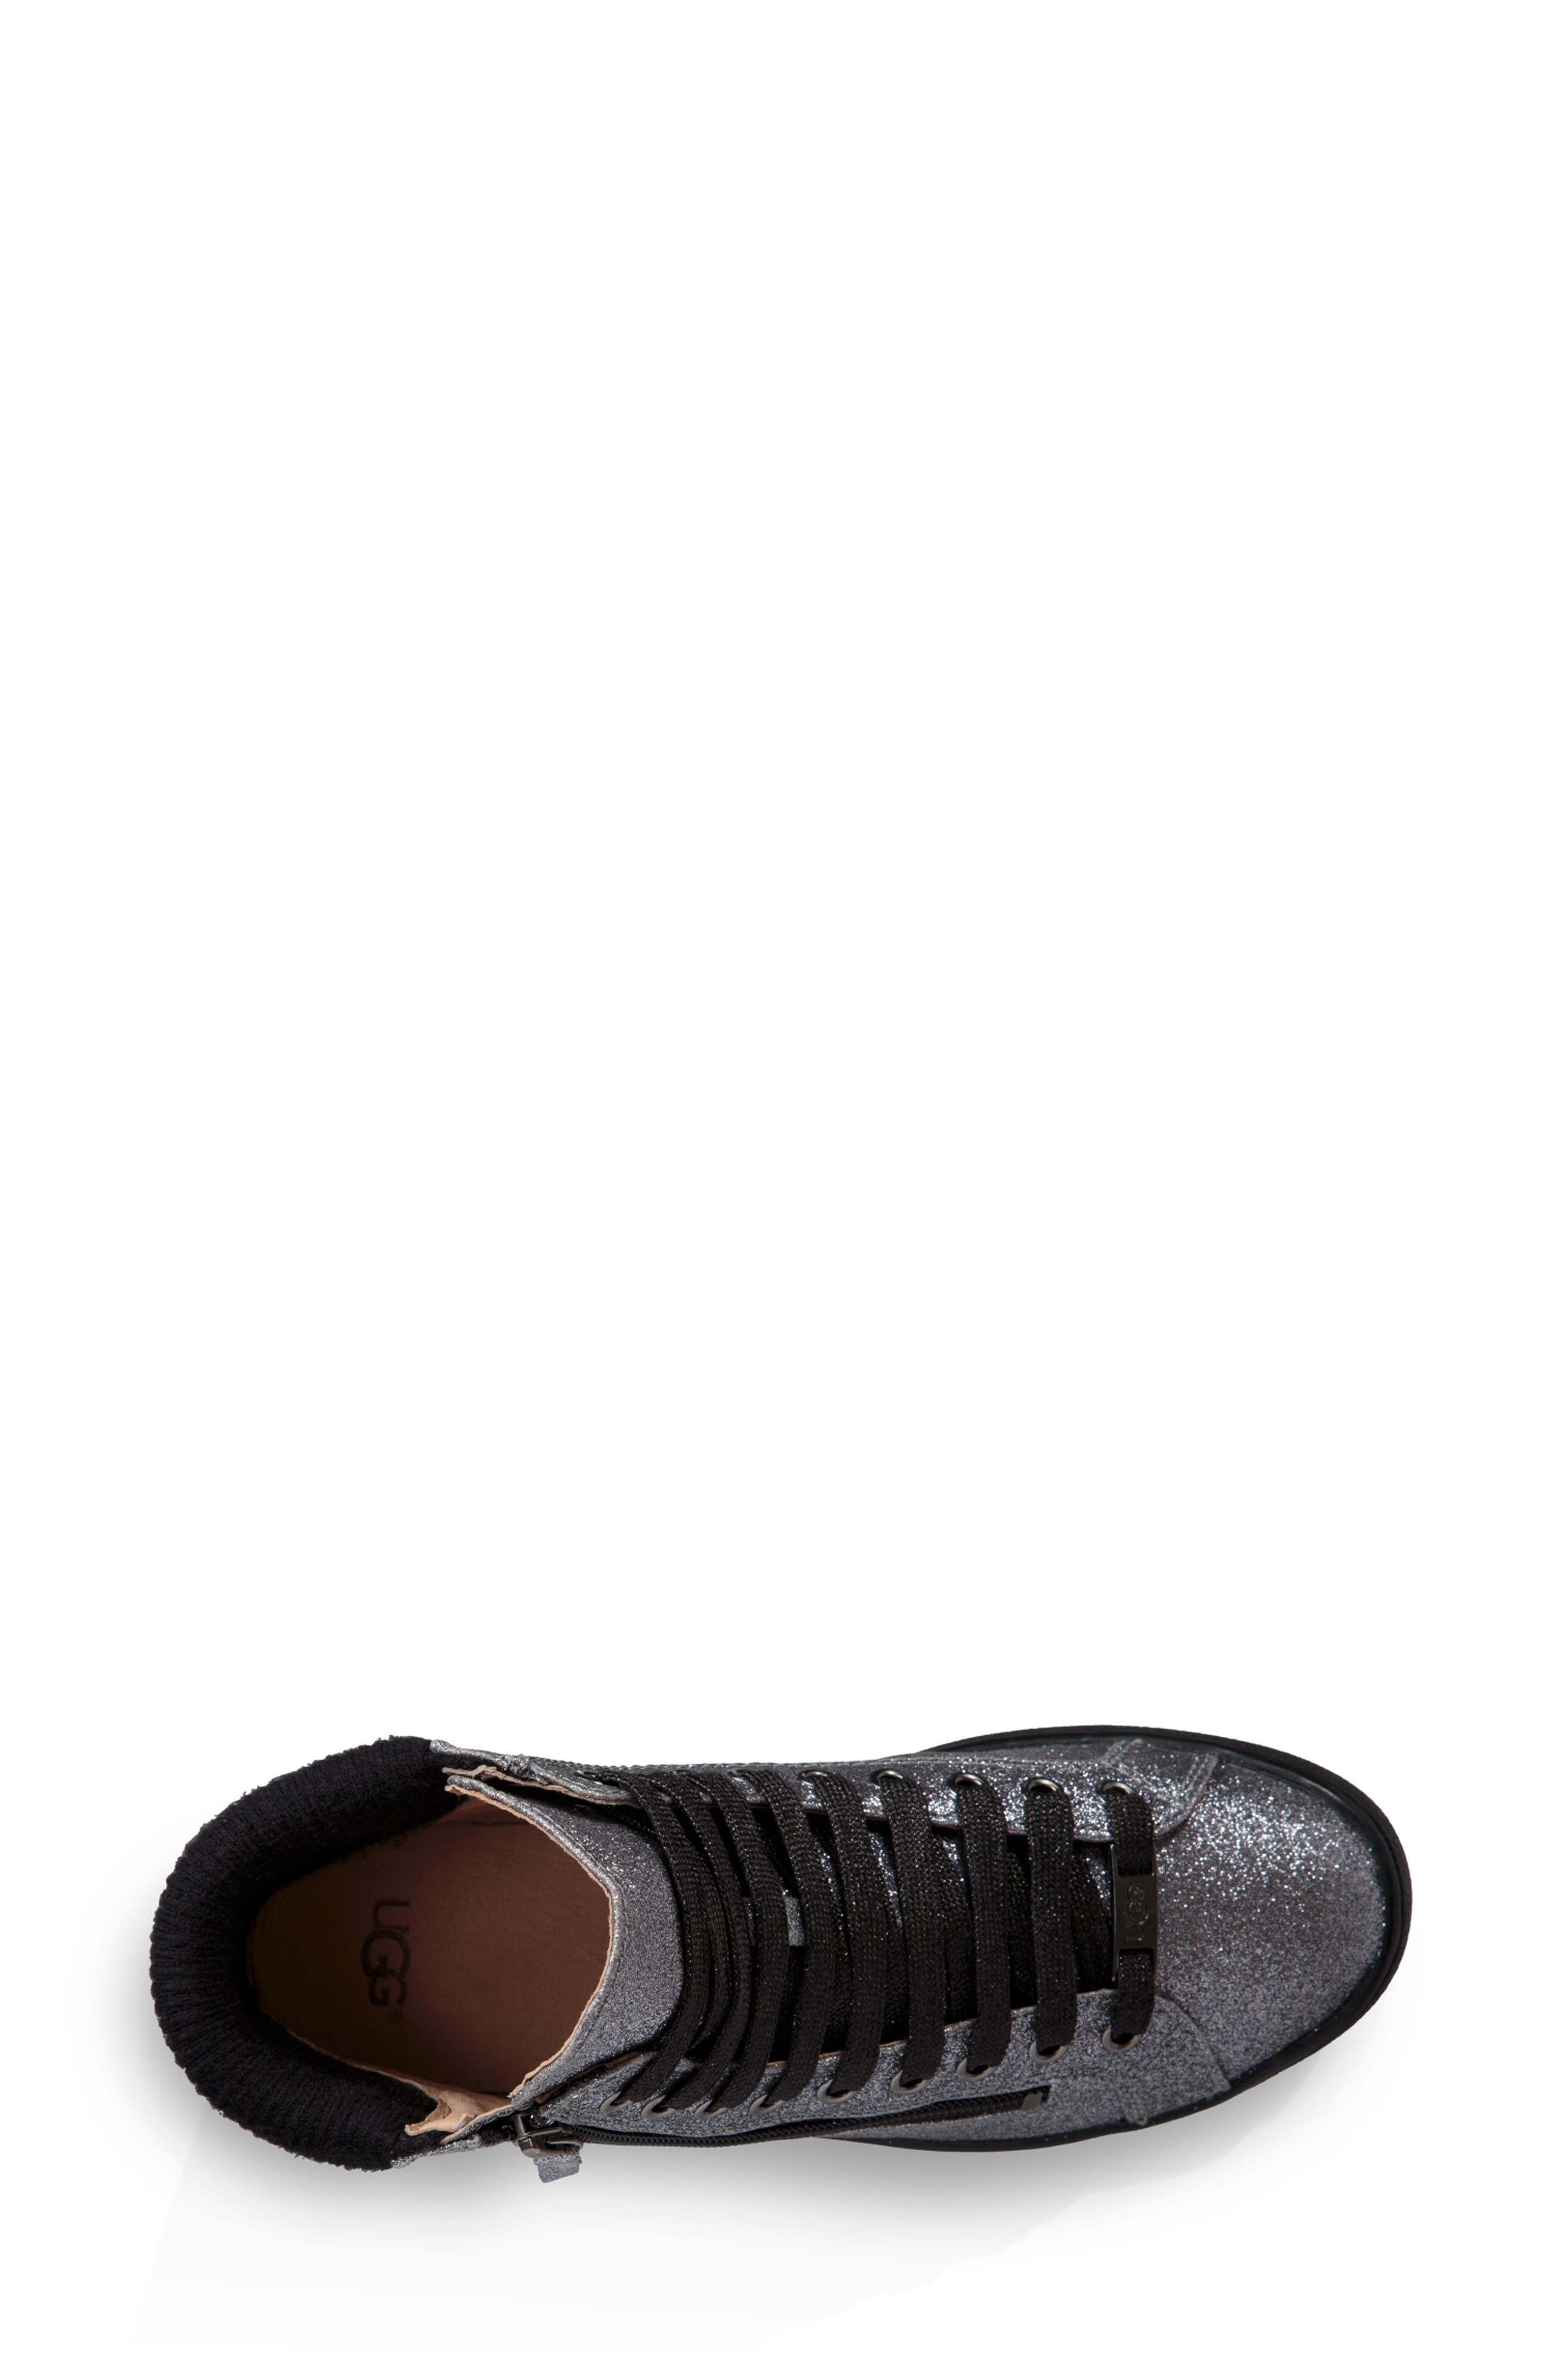 Olive Glitter Sneaker,                             Alternate thumbnail 4, color,                             GUNMETAL FABRIC